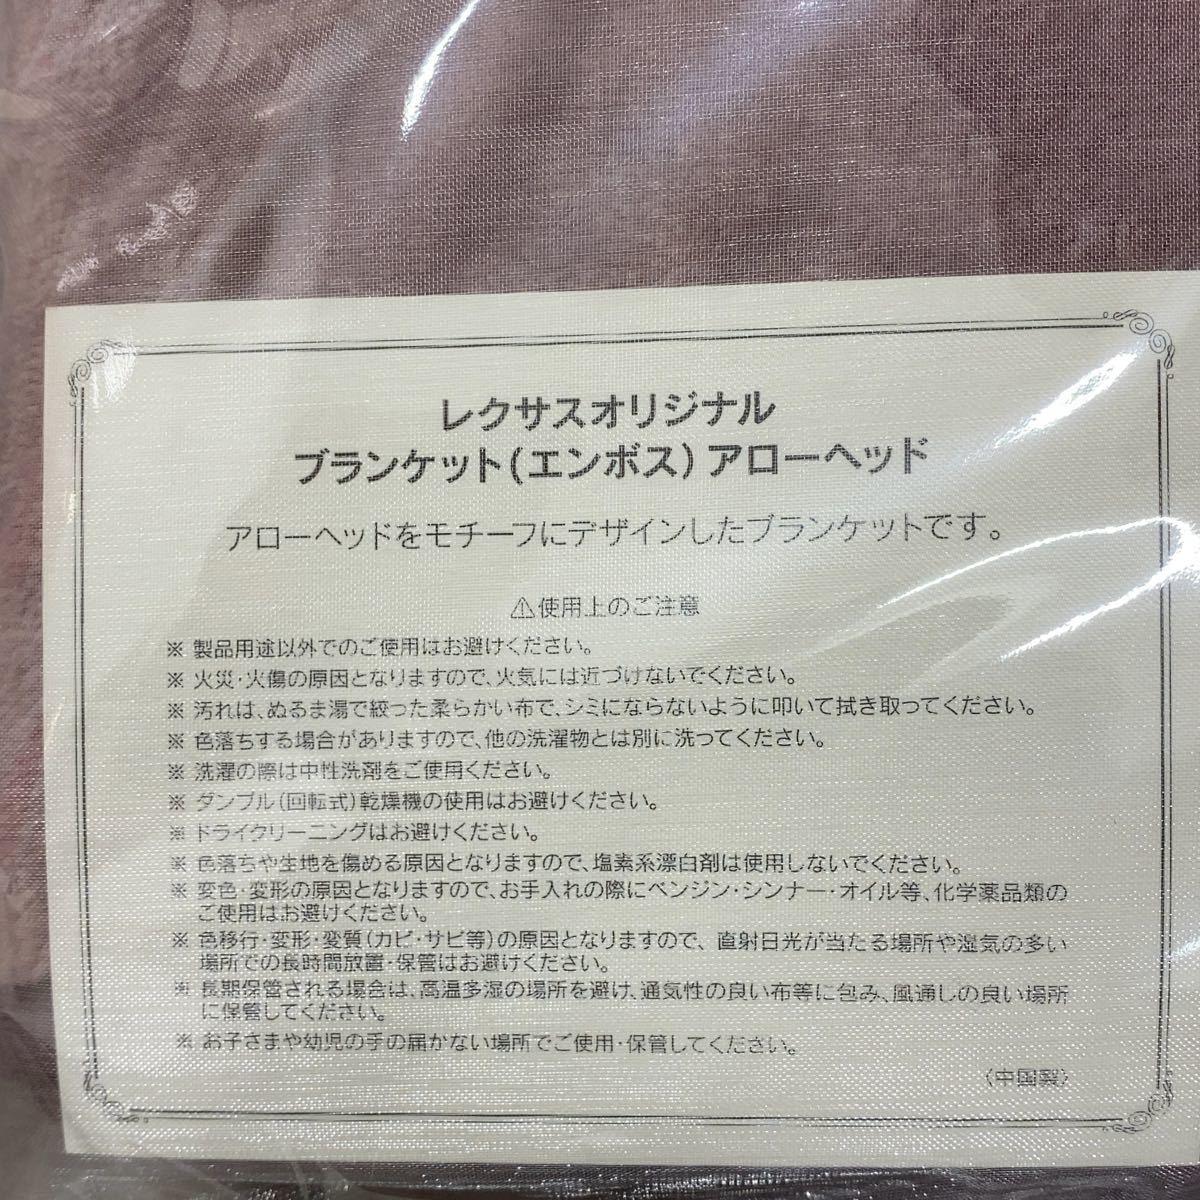 ブランケット【LEXUSオリジナル】